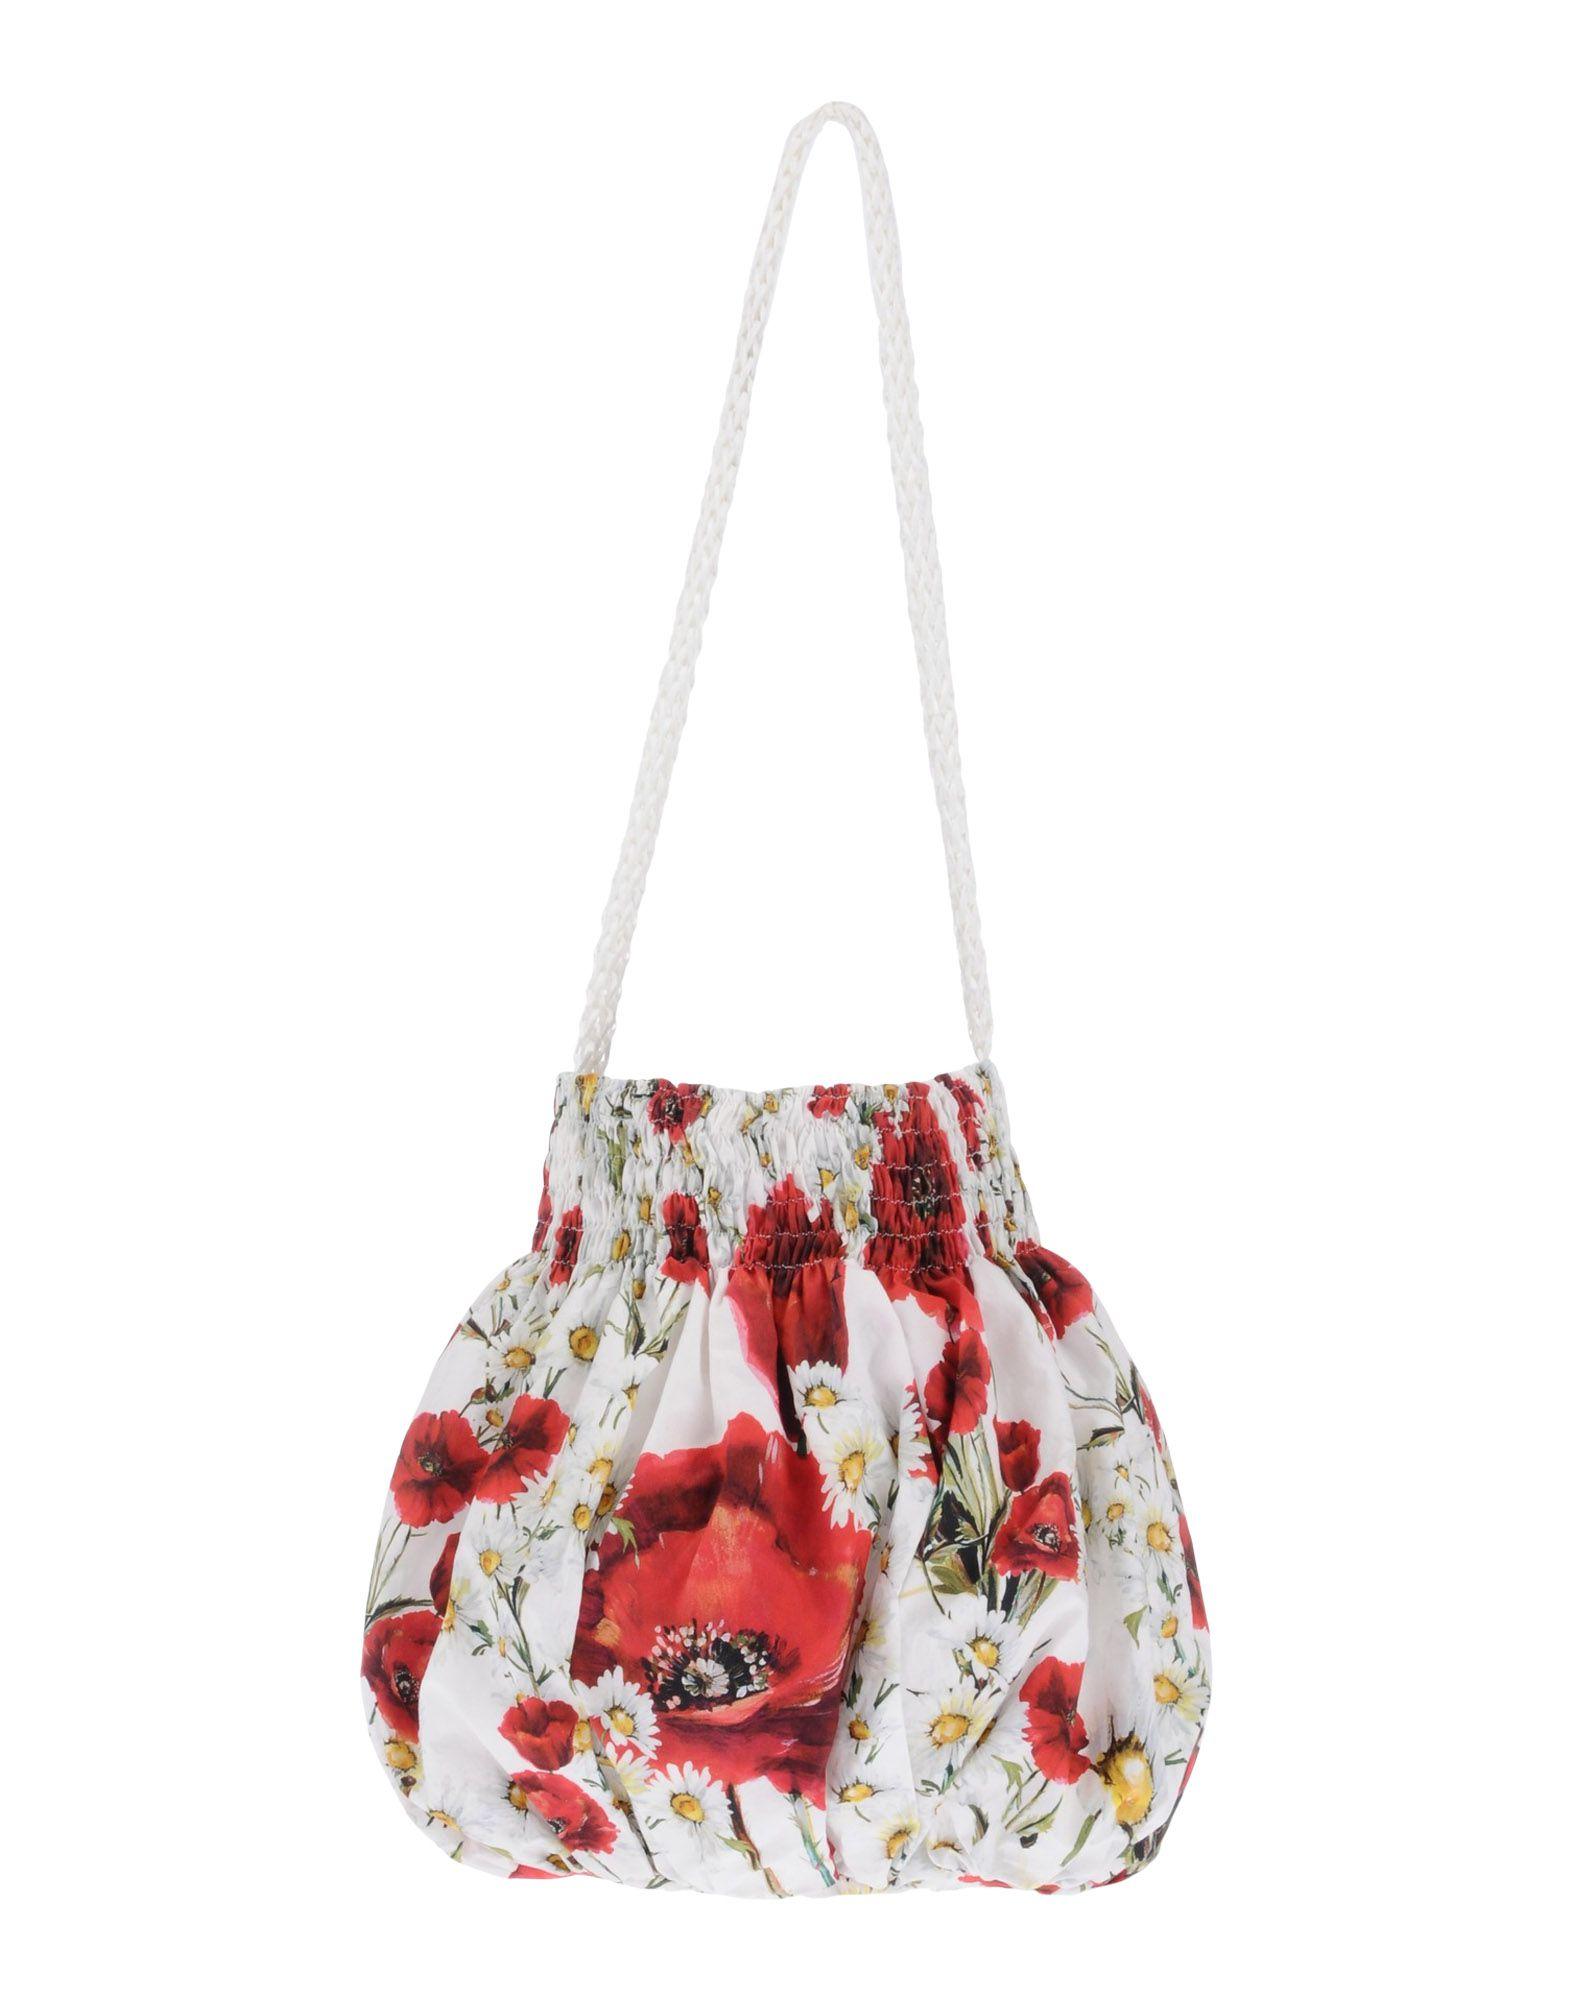 DOLCE & GABBANA Сумка на плечо [супермаркет] landcase jingdong люди деловой сумки случайной сумка плечо сумка прилив мешок коричневого холст мешок 902